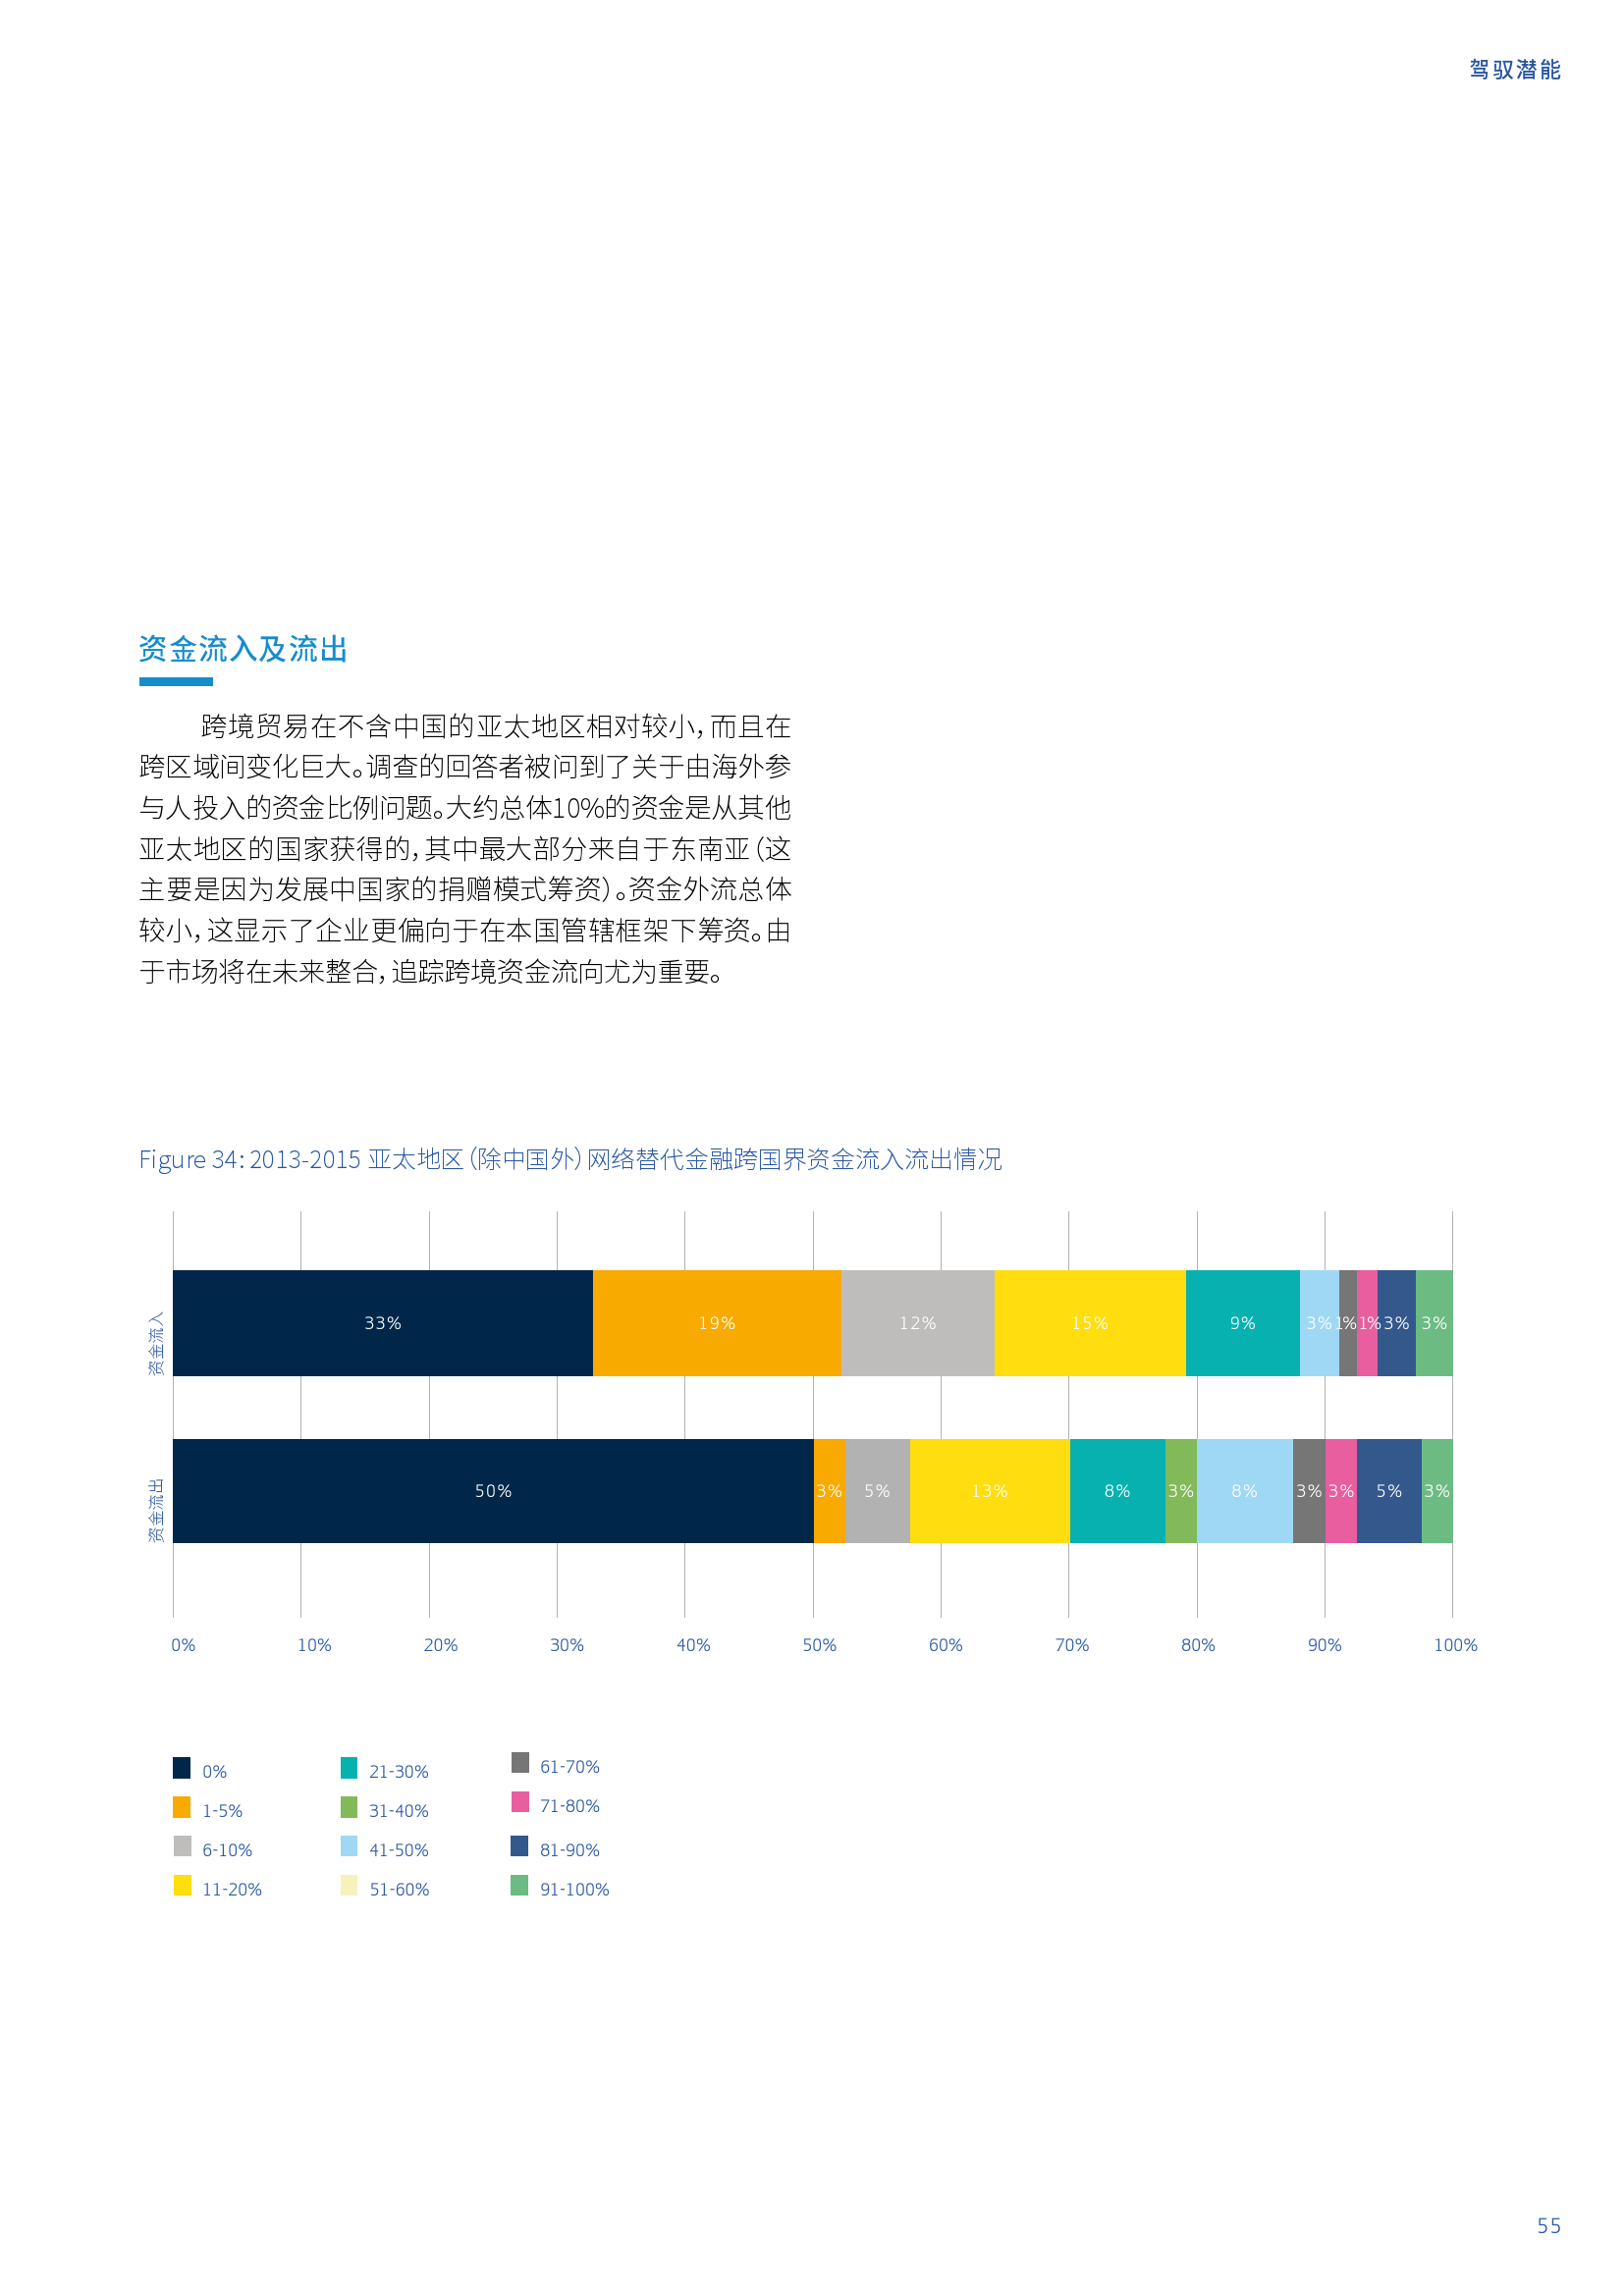 亚太地区网络替代金融基准报告_000055